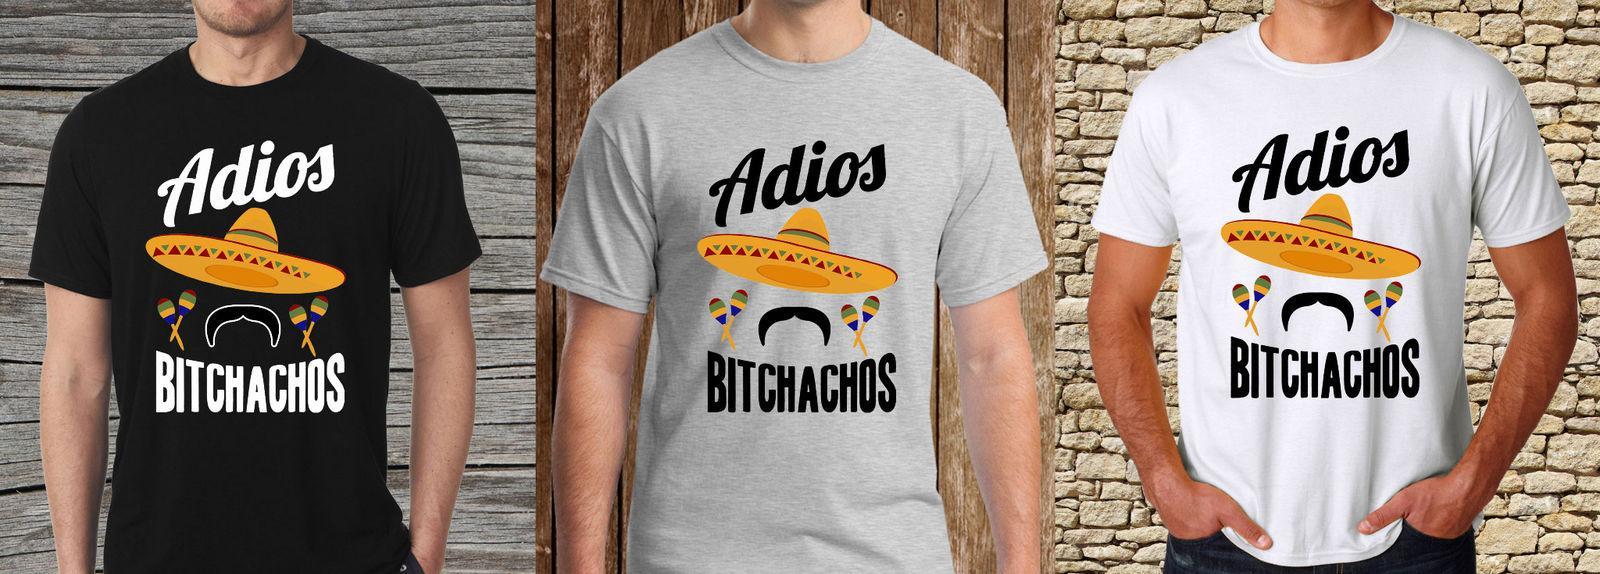 Adios Bitchachos Funny T Shirt Mexicain Sombrero Maracas Moustache Pour Hommes T Shirt De Dessin Animé S 3xl Hommes